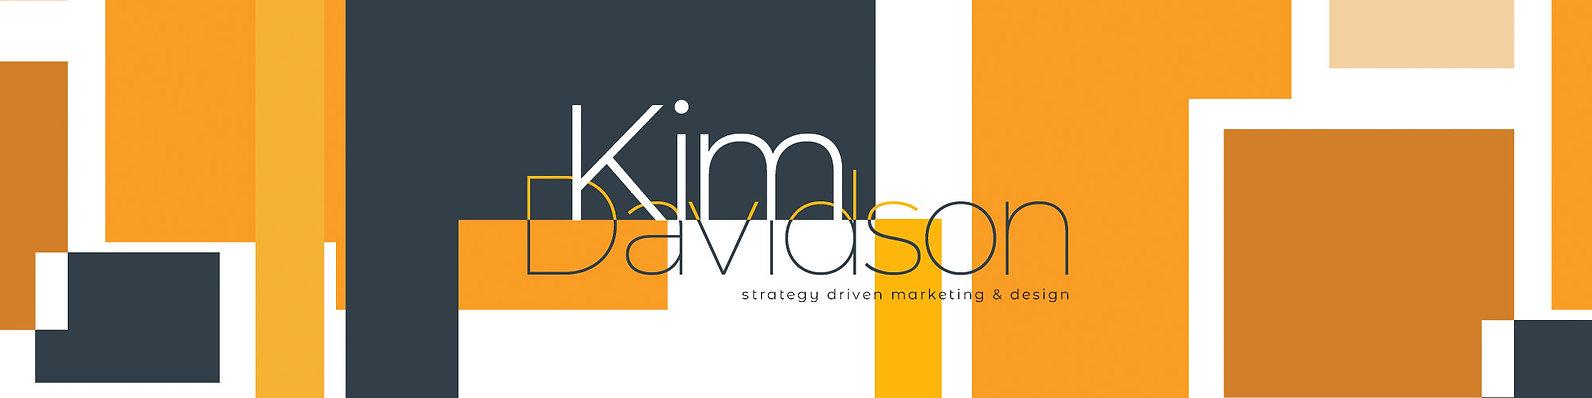 KimDavidson-Modern2-Longer.jpg